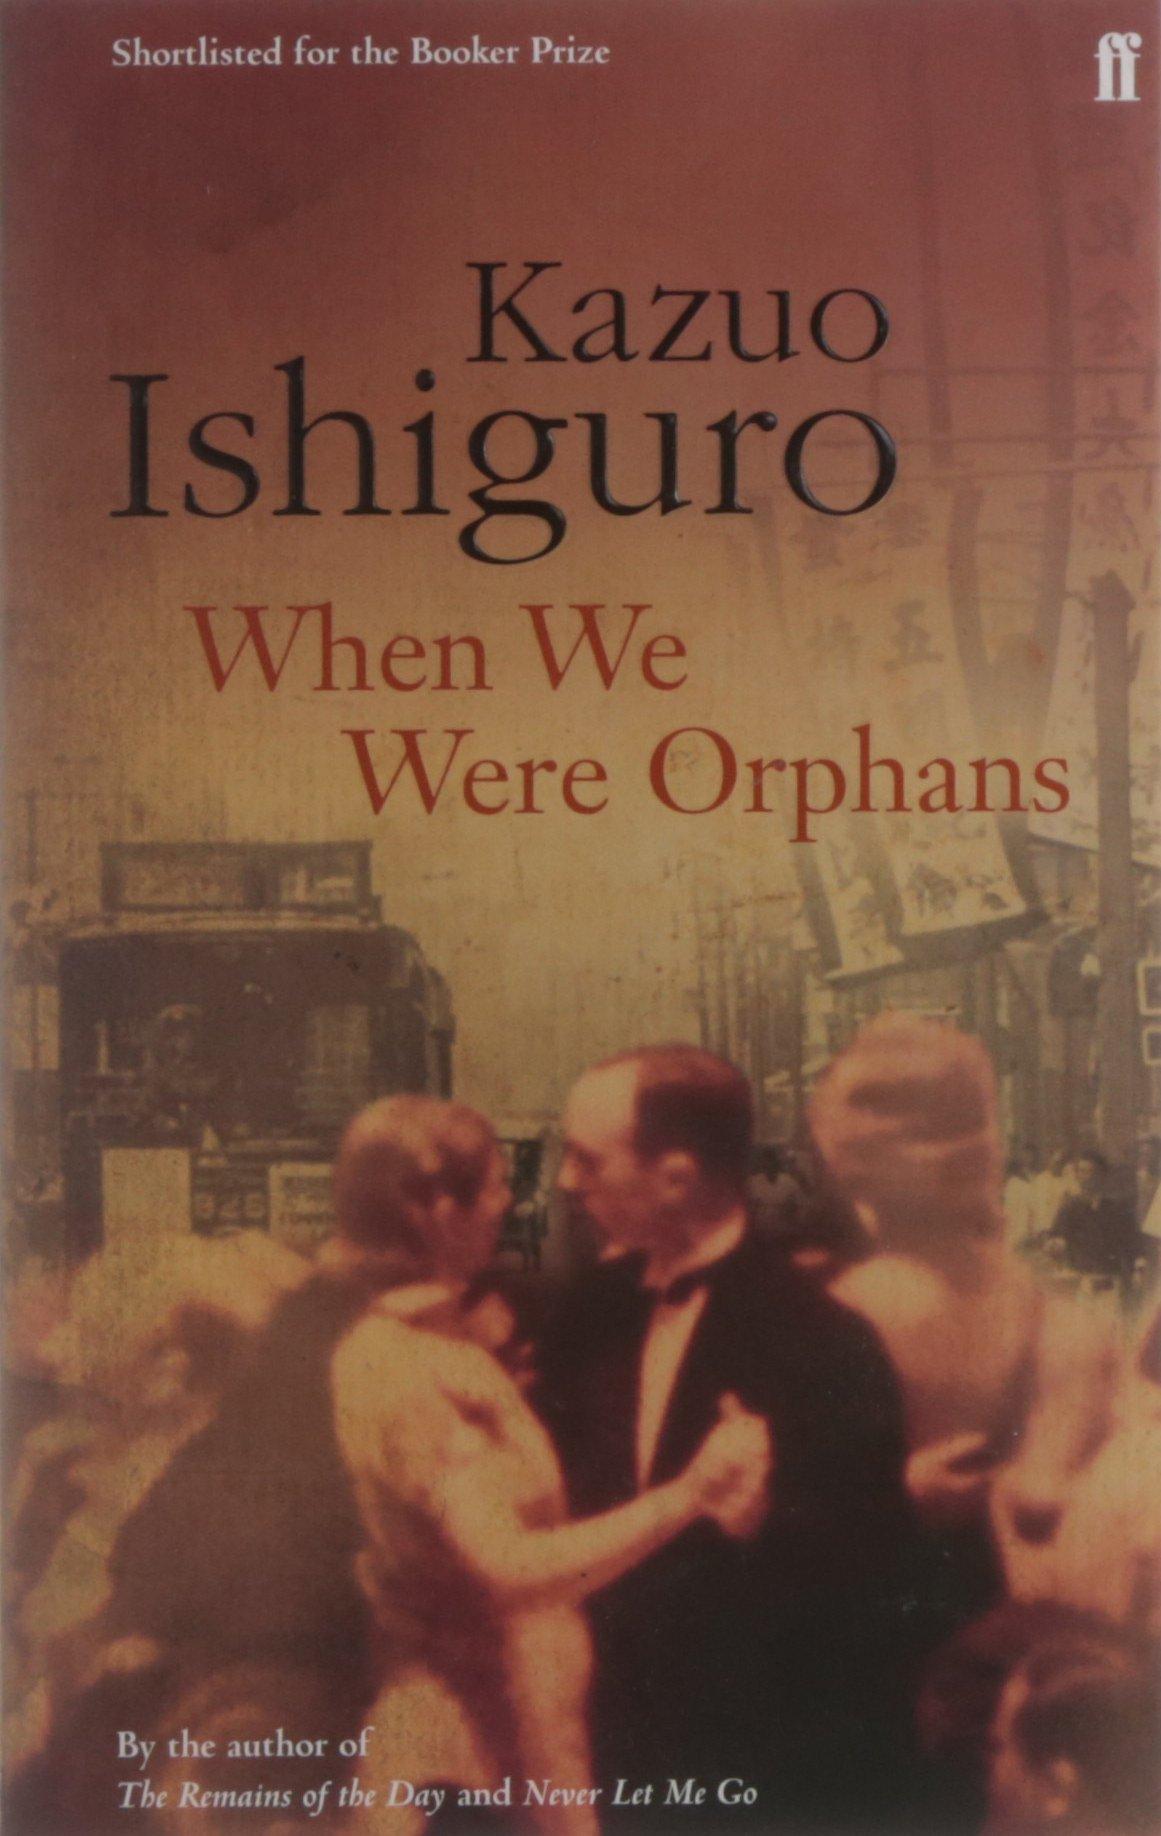 When We Were Orphans: Amazon: Kazuo Ishiguro: 9780571225408: Books